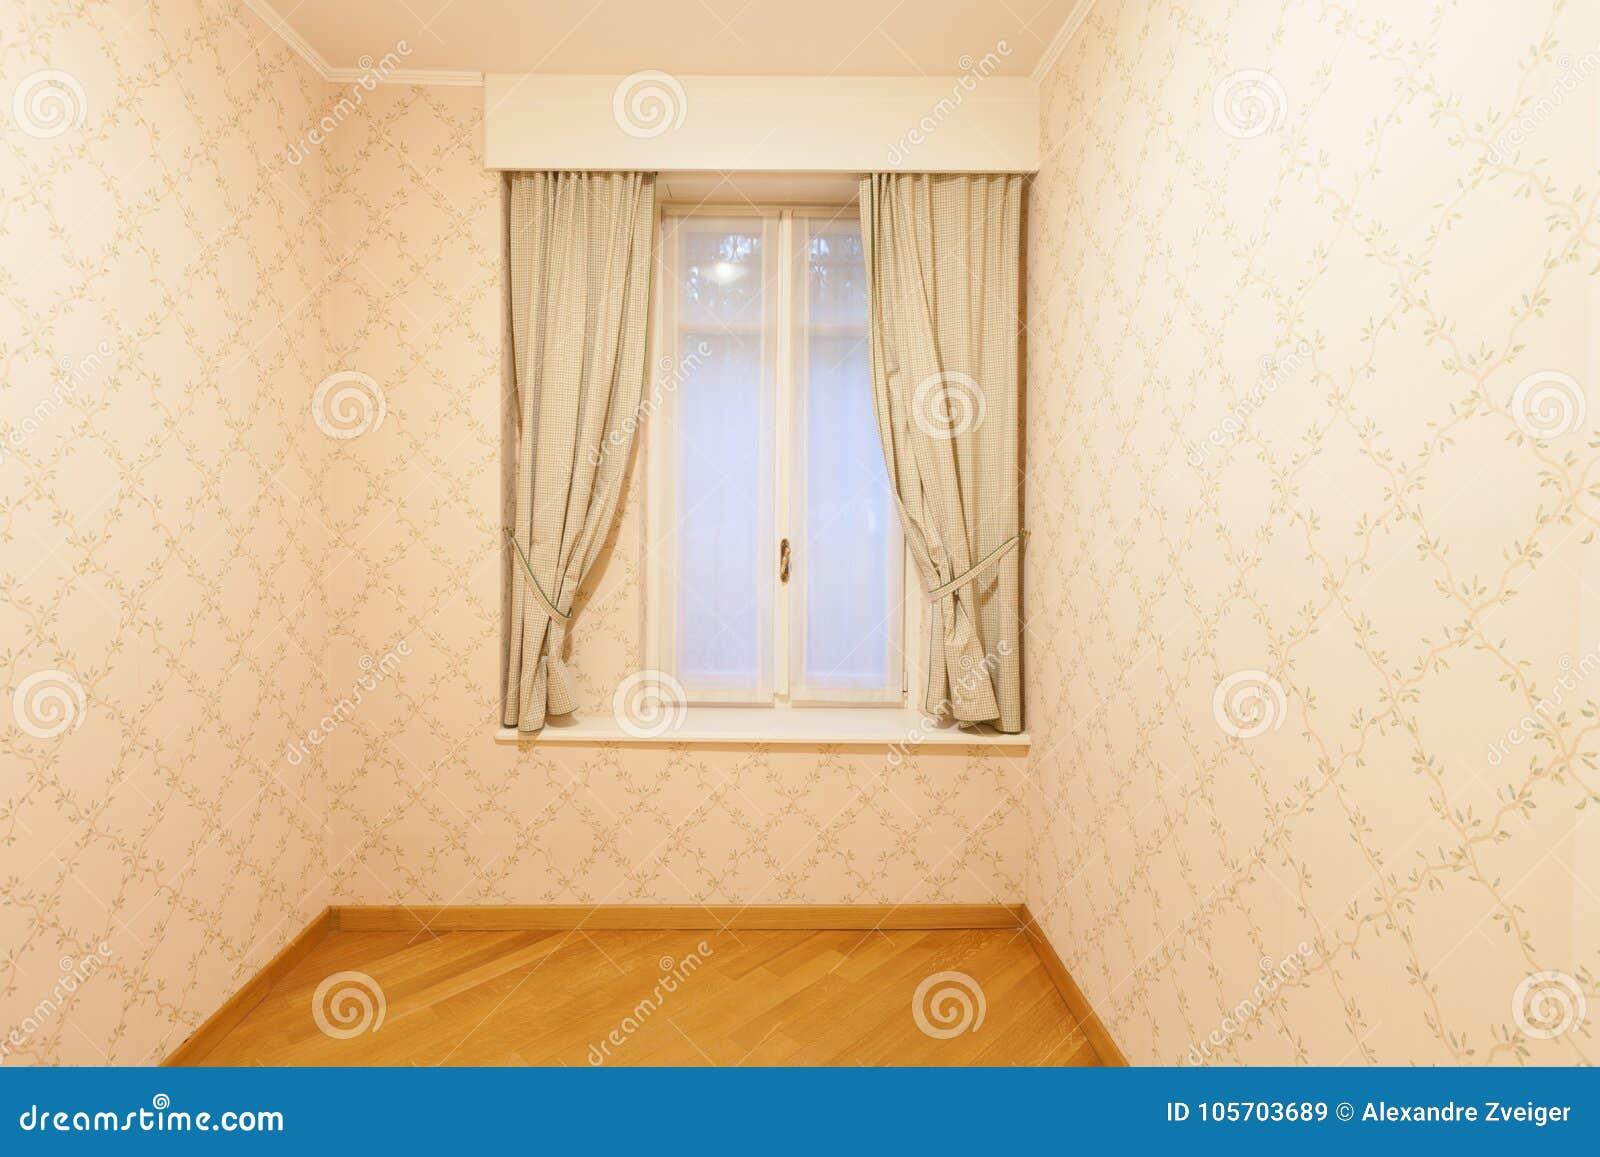 Sitio con tapicería en las paredes